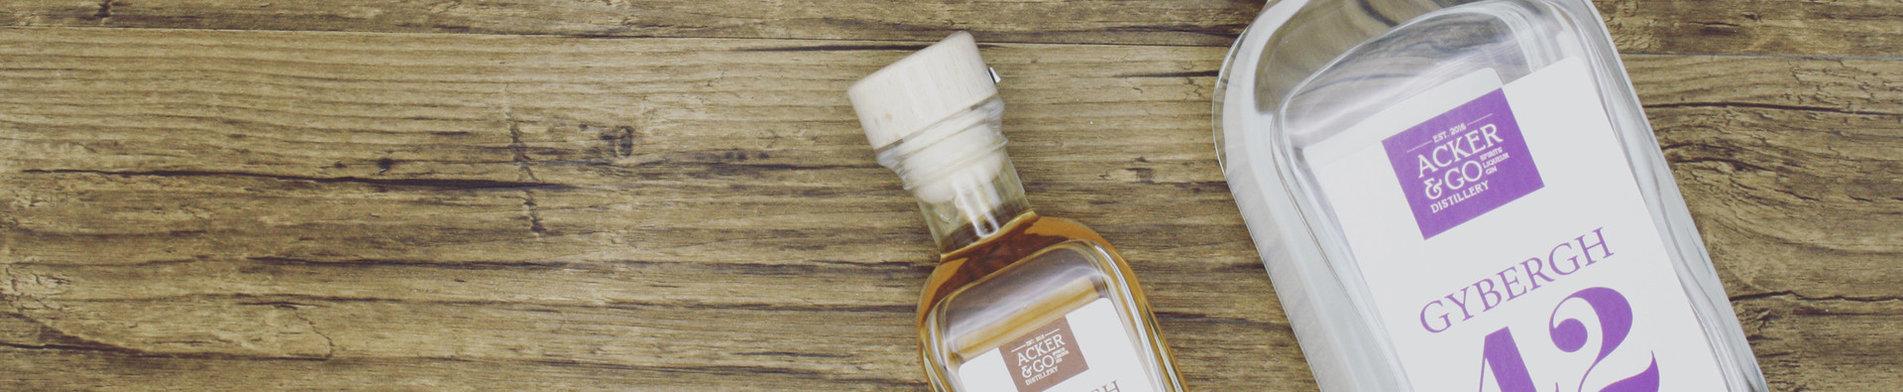 Acker-&-Go-Distillery